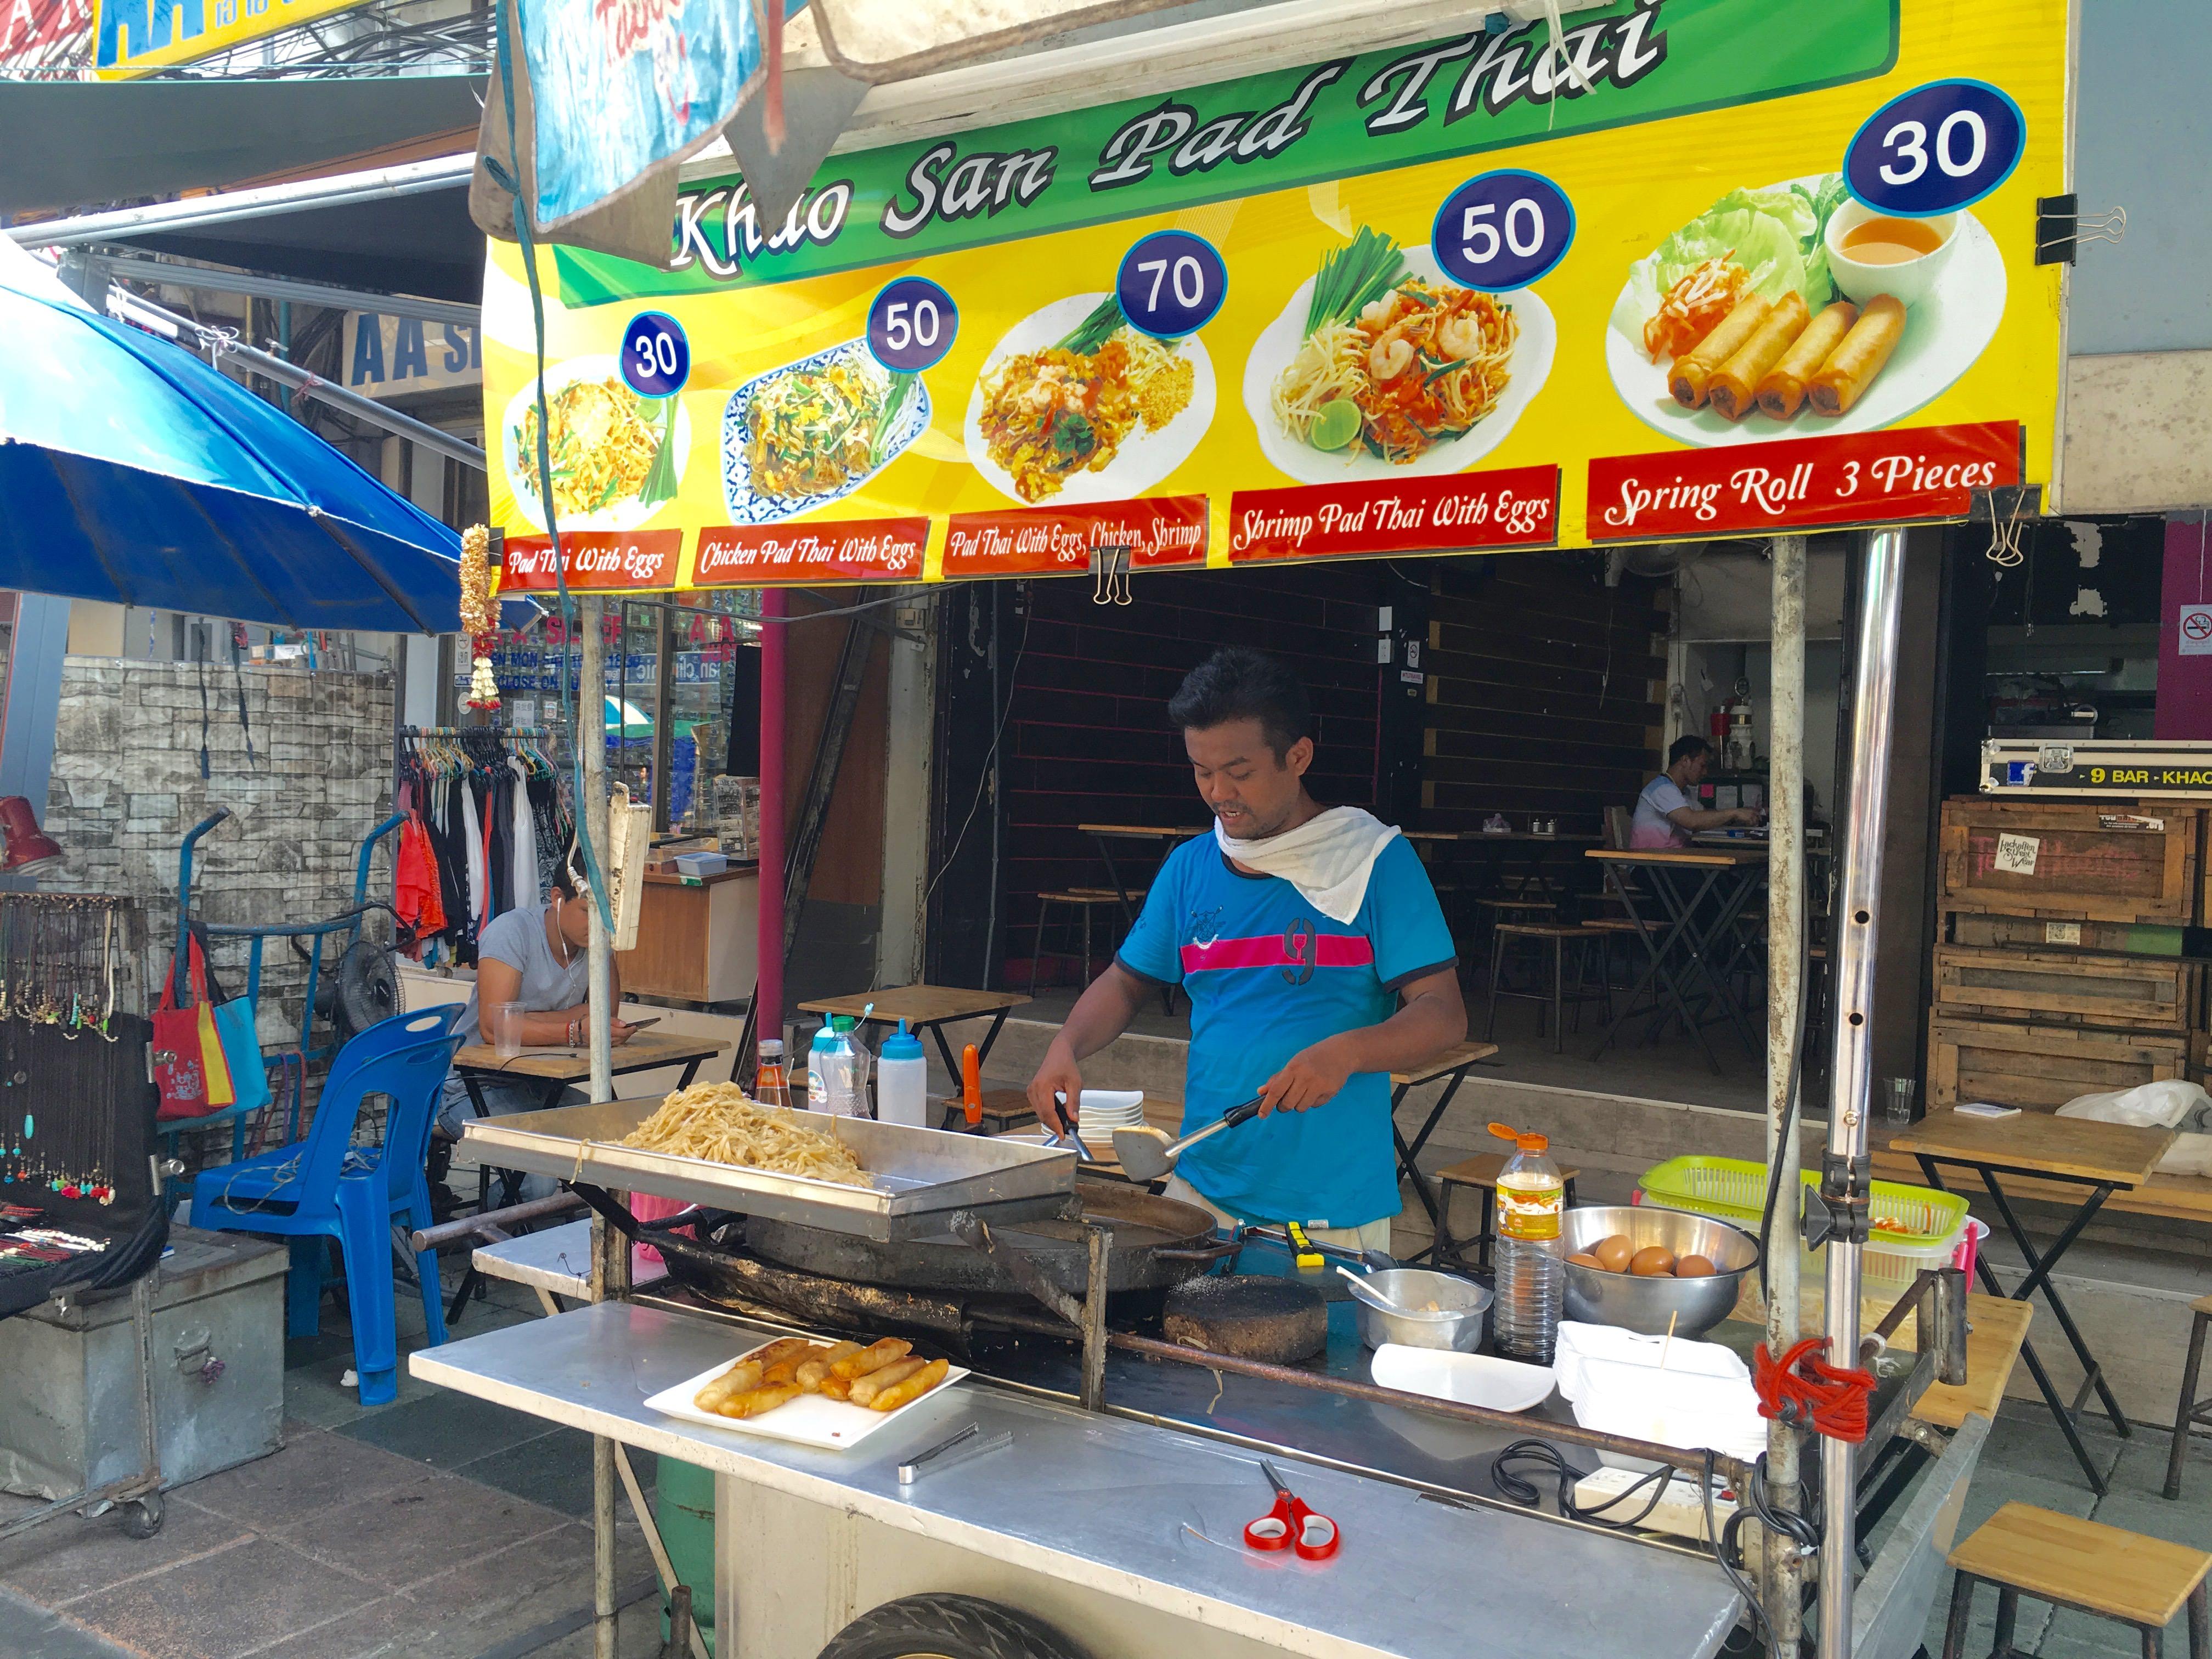 カオサンのおすすめレストラン。地元民に大人気のタイ料理屋3軒 + 日本食レストラン&インド料理屋を紹介するよ。